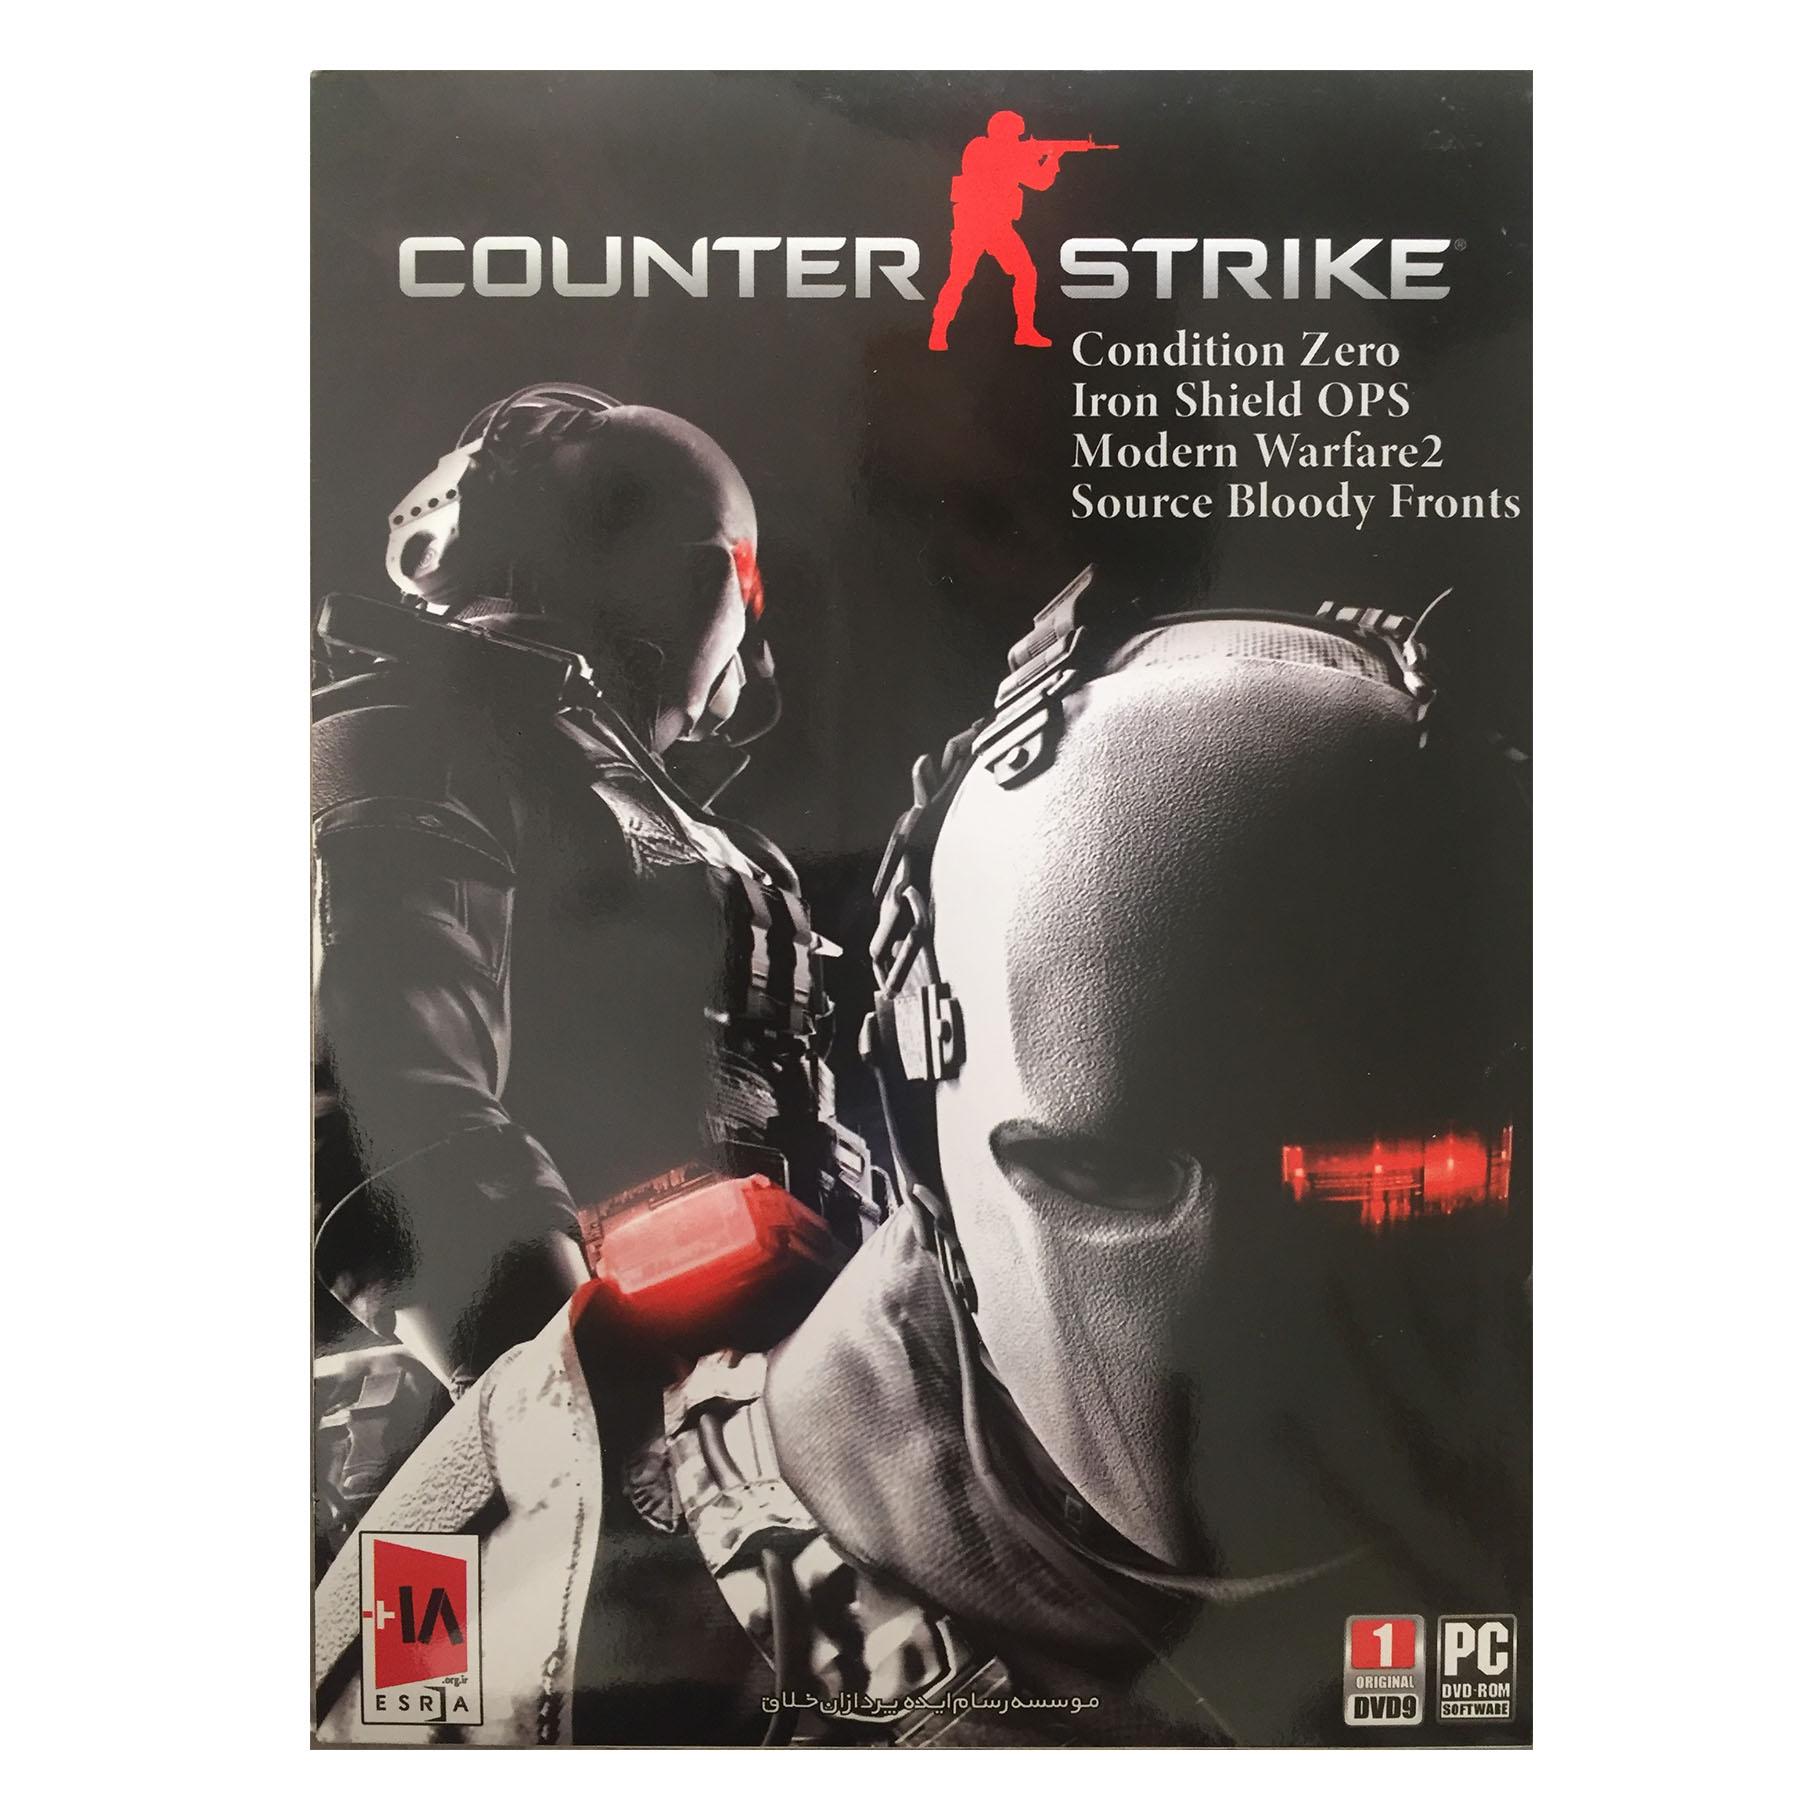 مجموعه بازی COUNTER STRIKE مخصوص PC مجموعه کامل ۴ بازی کانتر